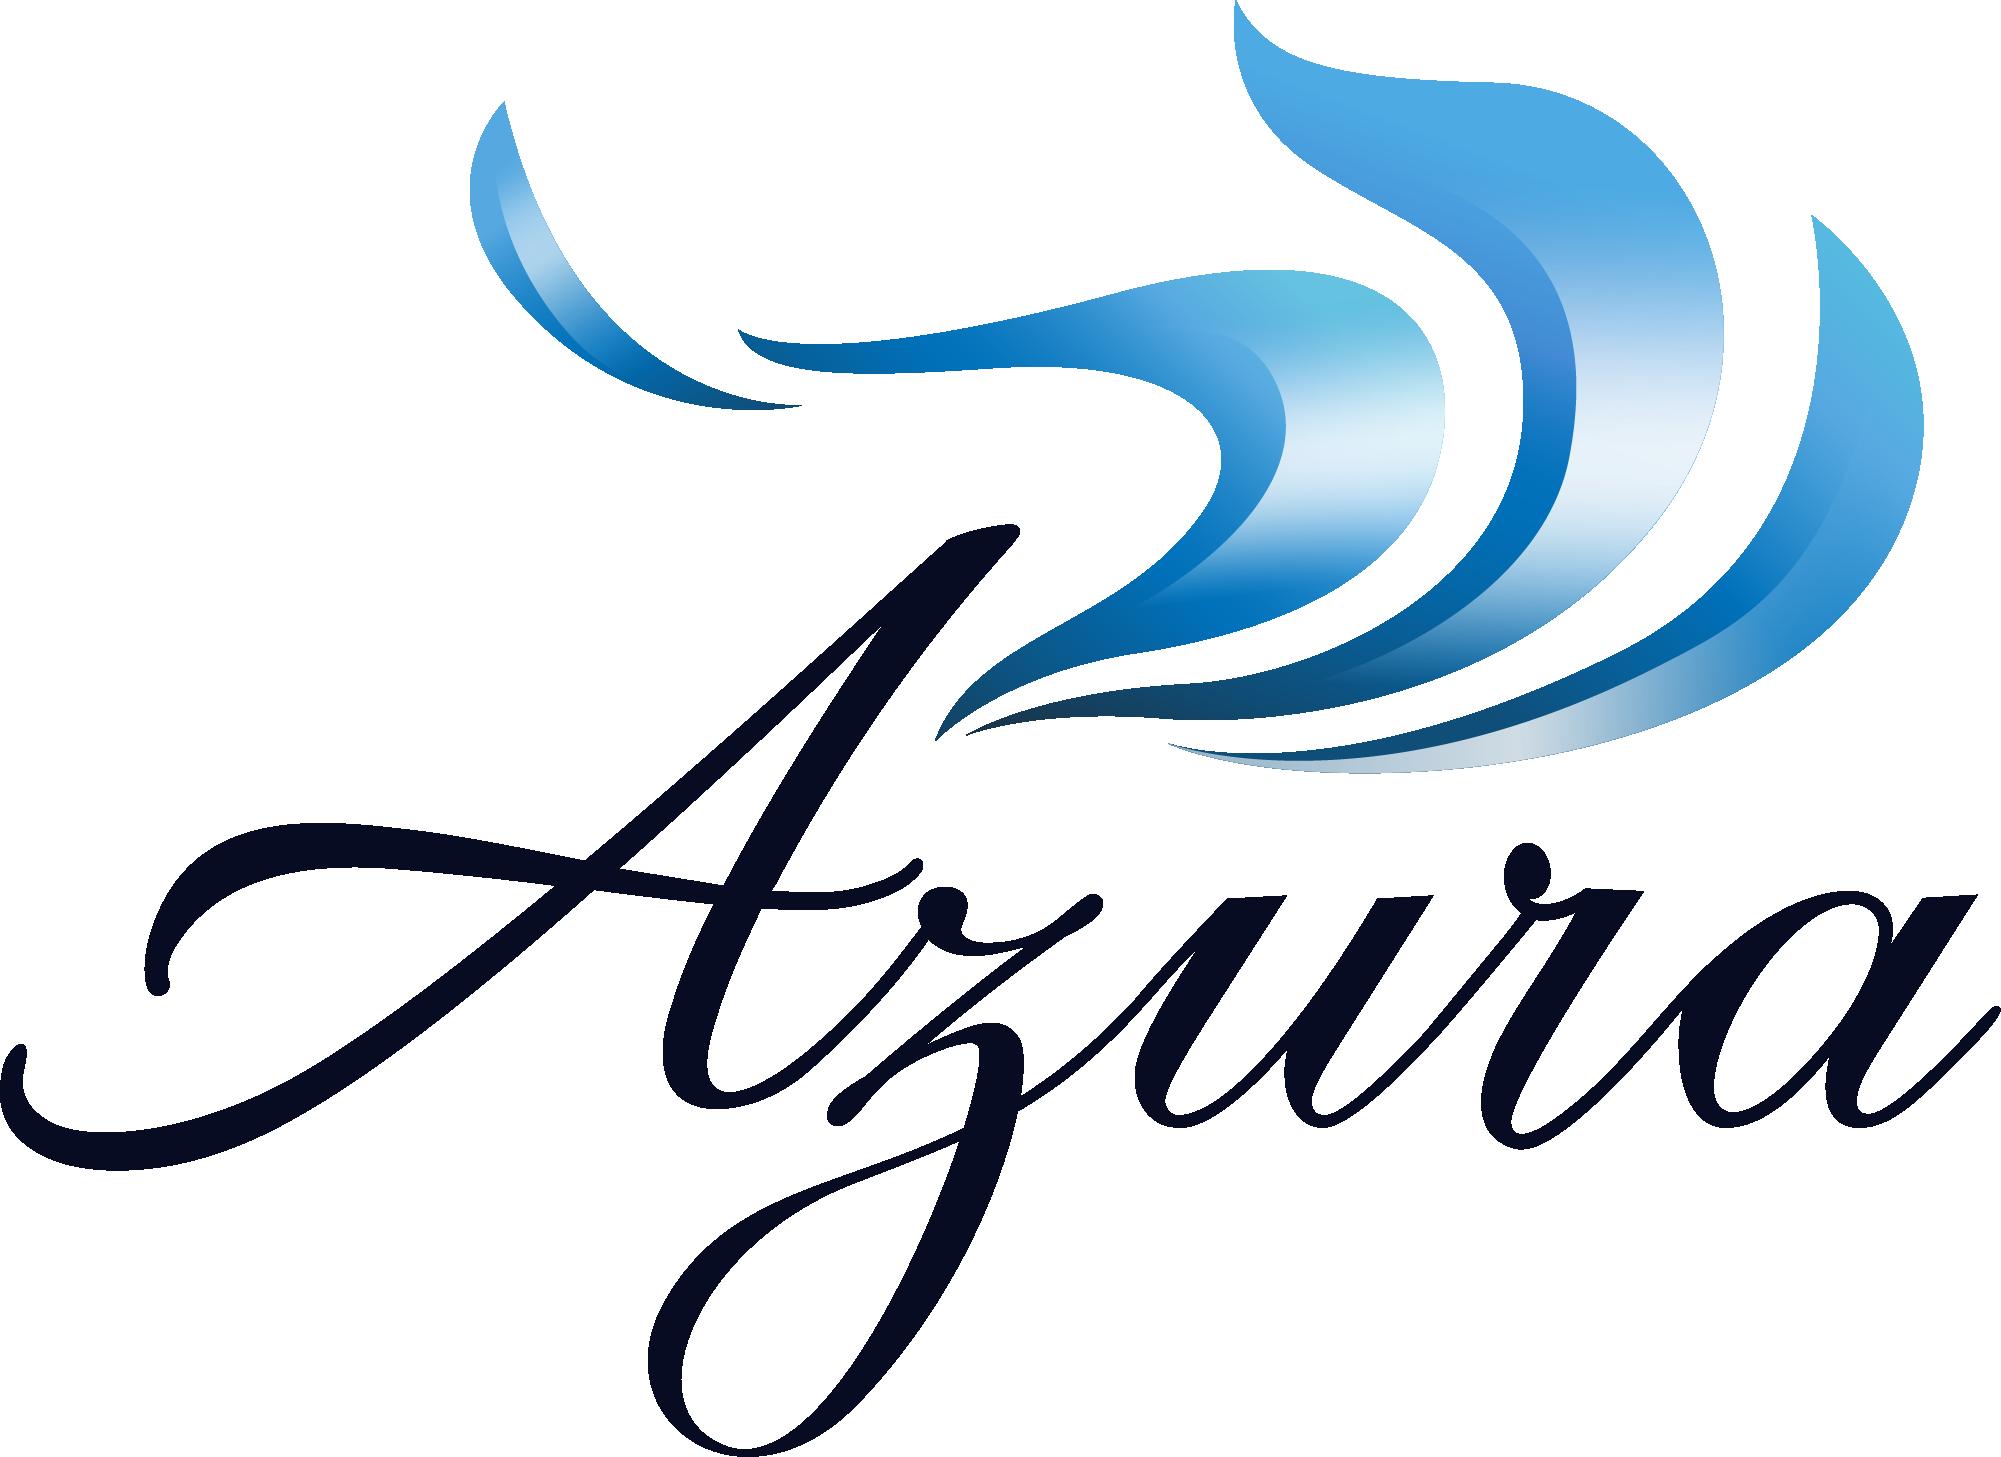 azura logo transparent.png